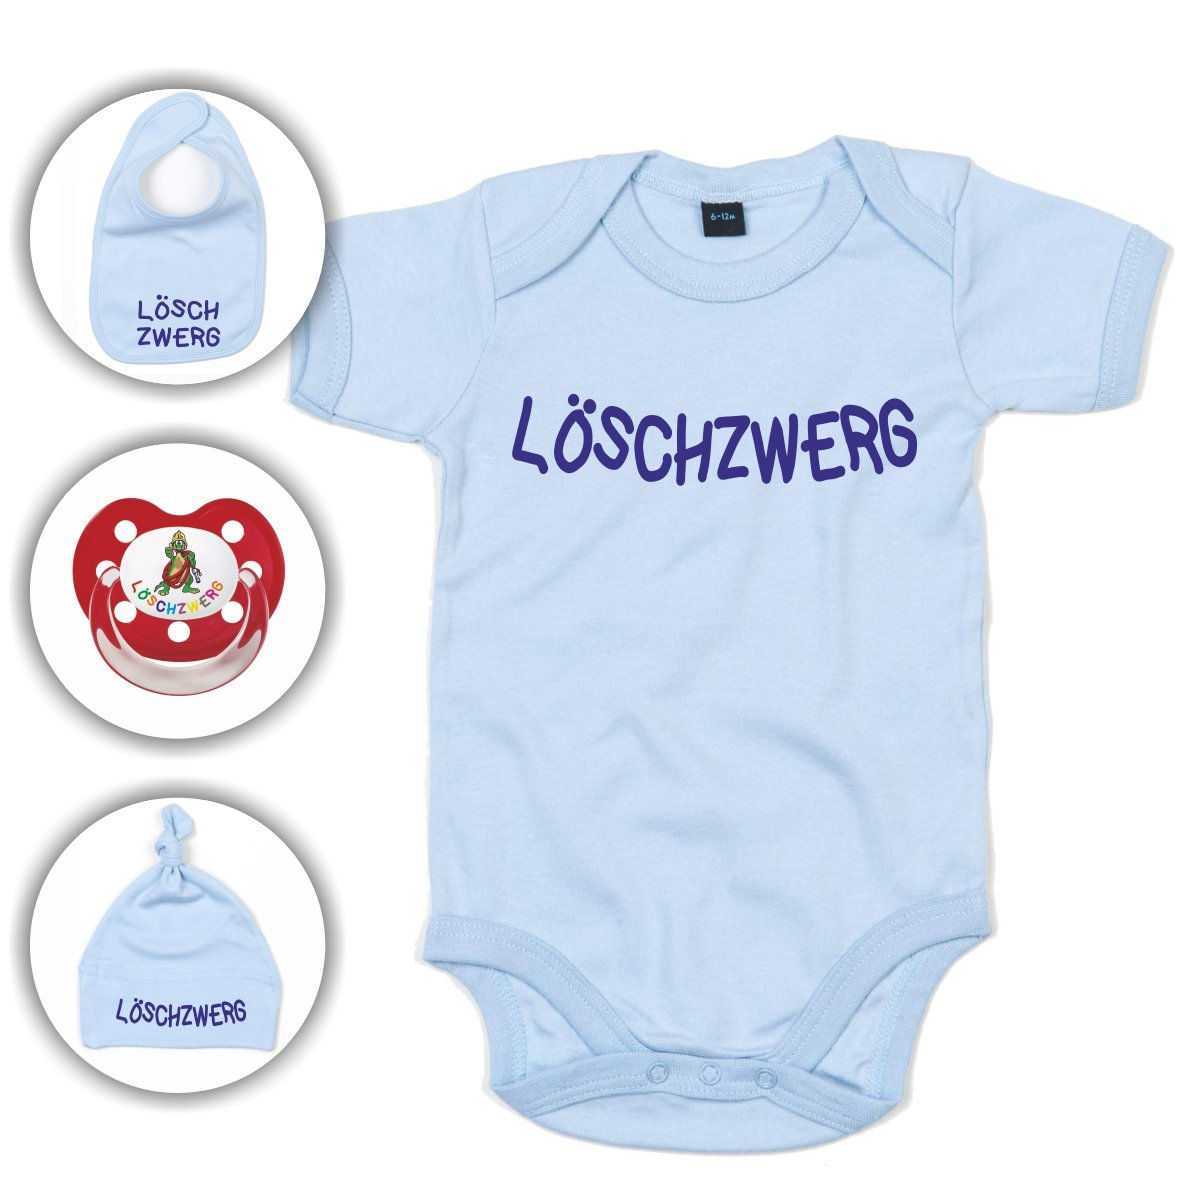 Babyset Feuerwehr Löschzwerg - Strampler/Schnuller/Mütze/Lätzchen/0-12 Monate/Komplettset/Beruhigungssauger + Babybody (0-3 Monate, Hellblau) Roter Hahn 112